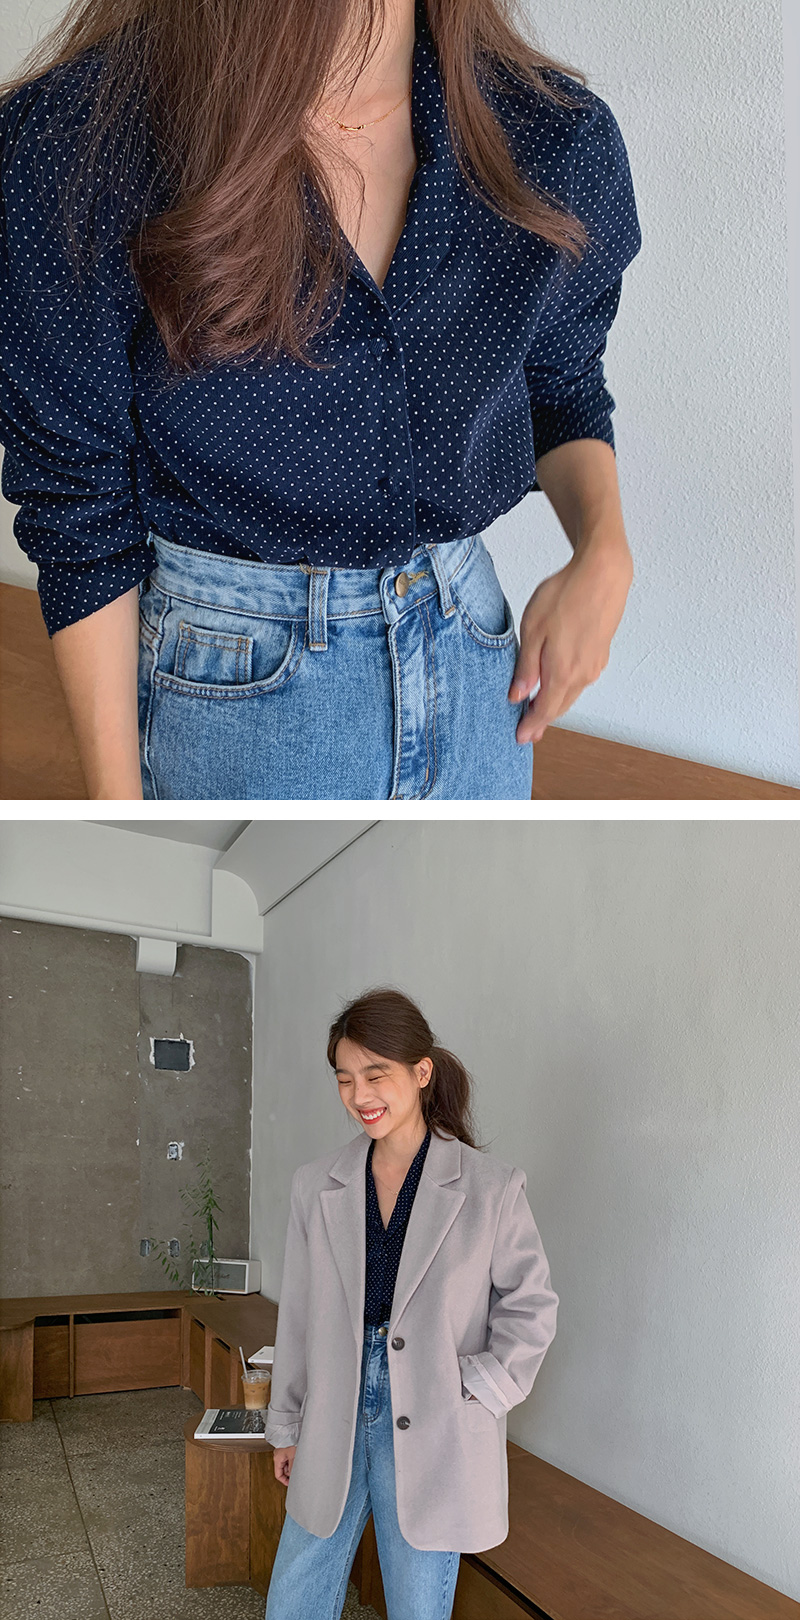 Lable washing denim pants_SA